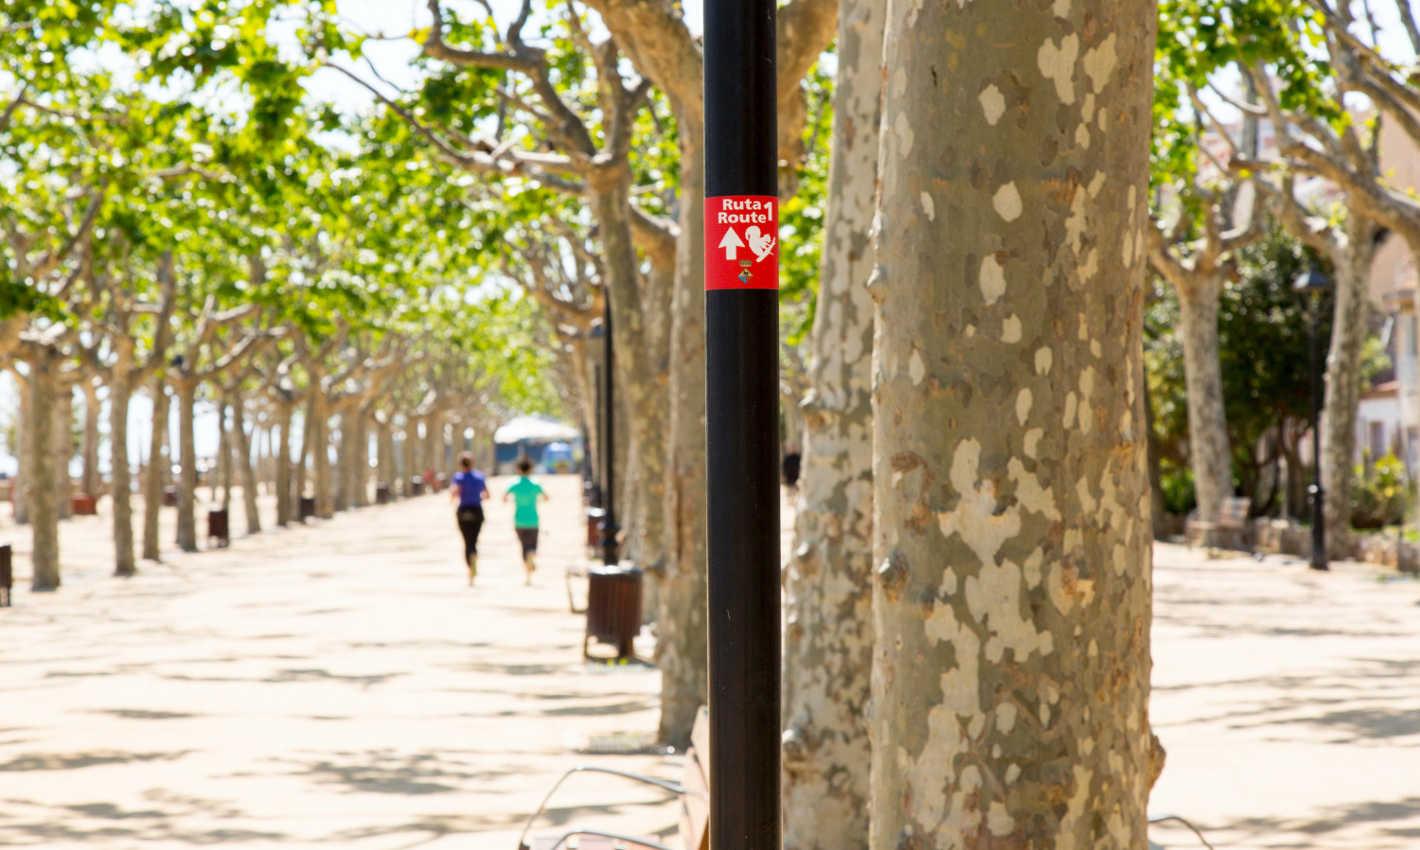 paseig-manuel_puigvert-ruta-esquirol